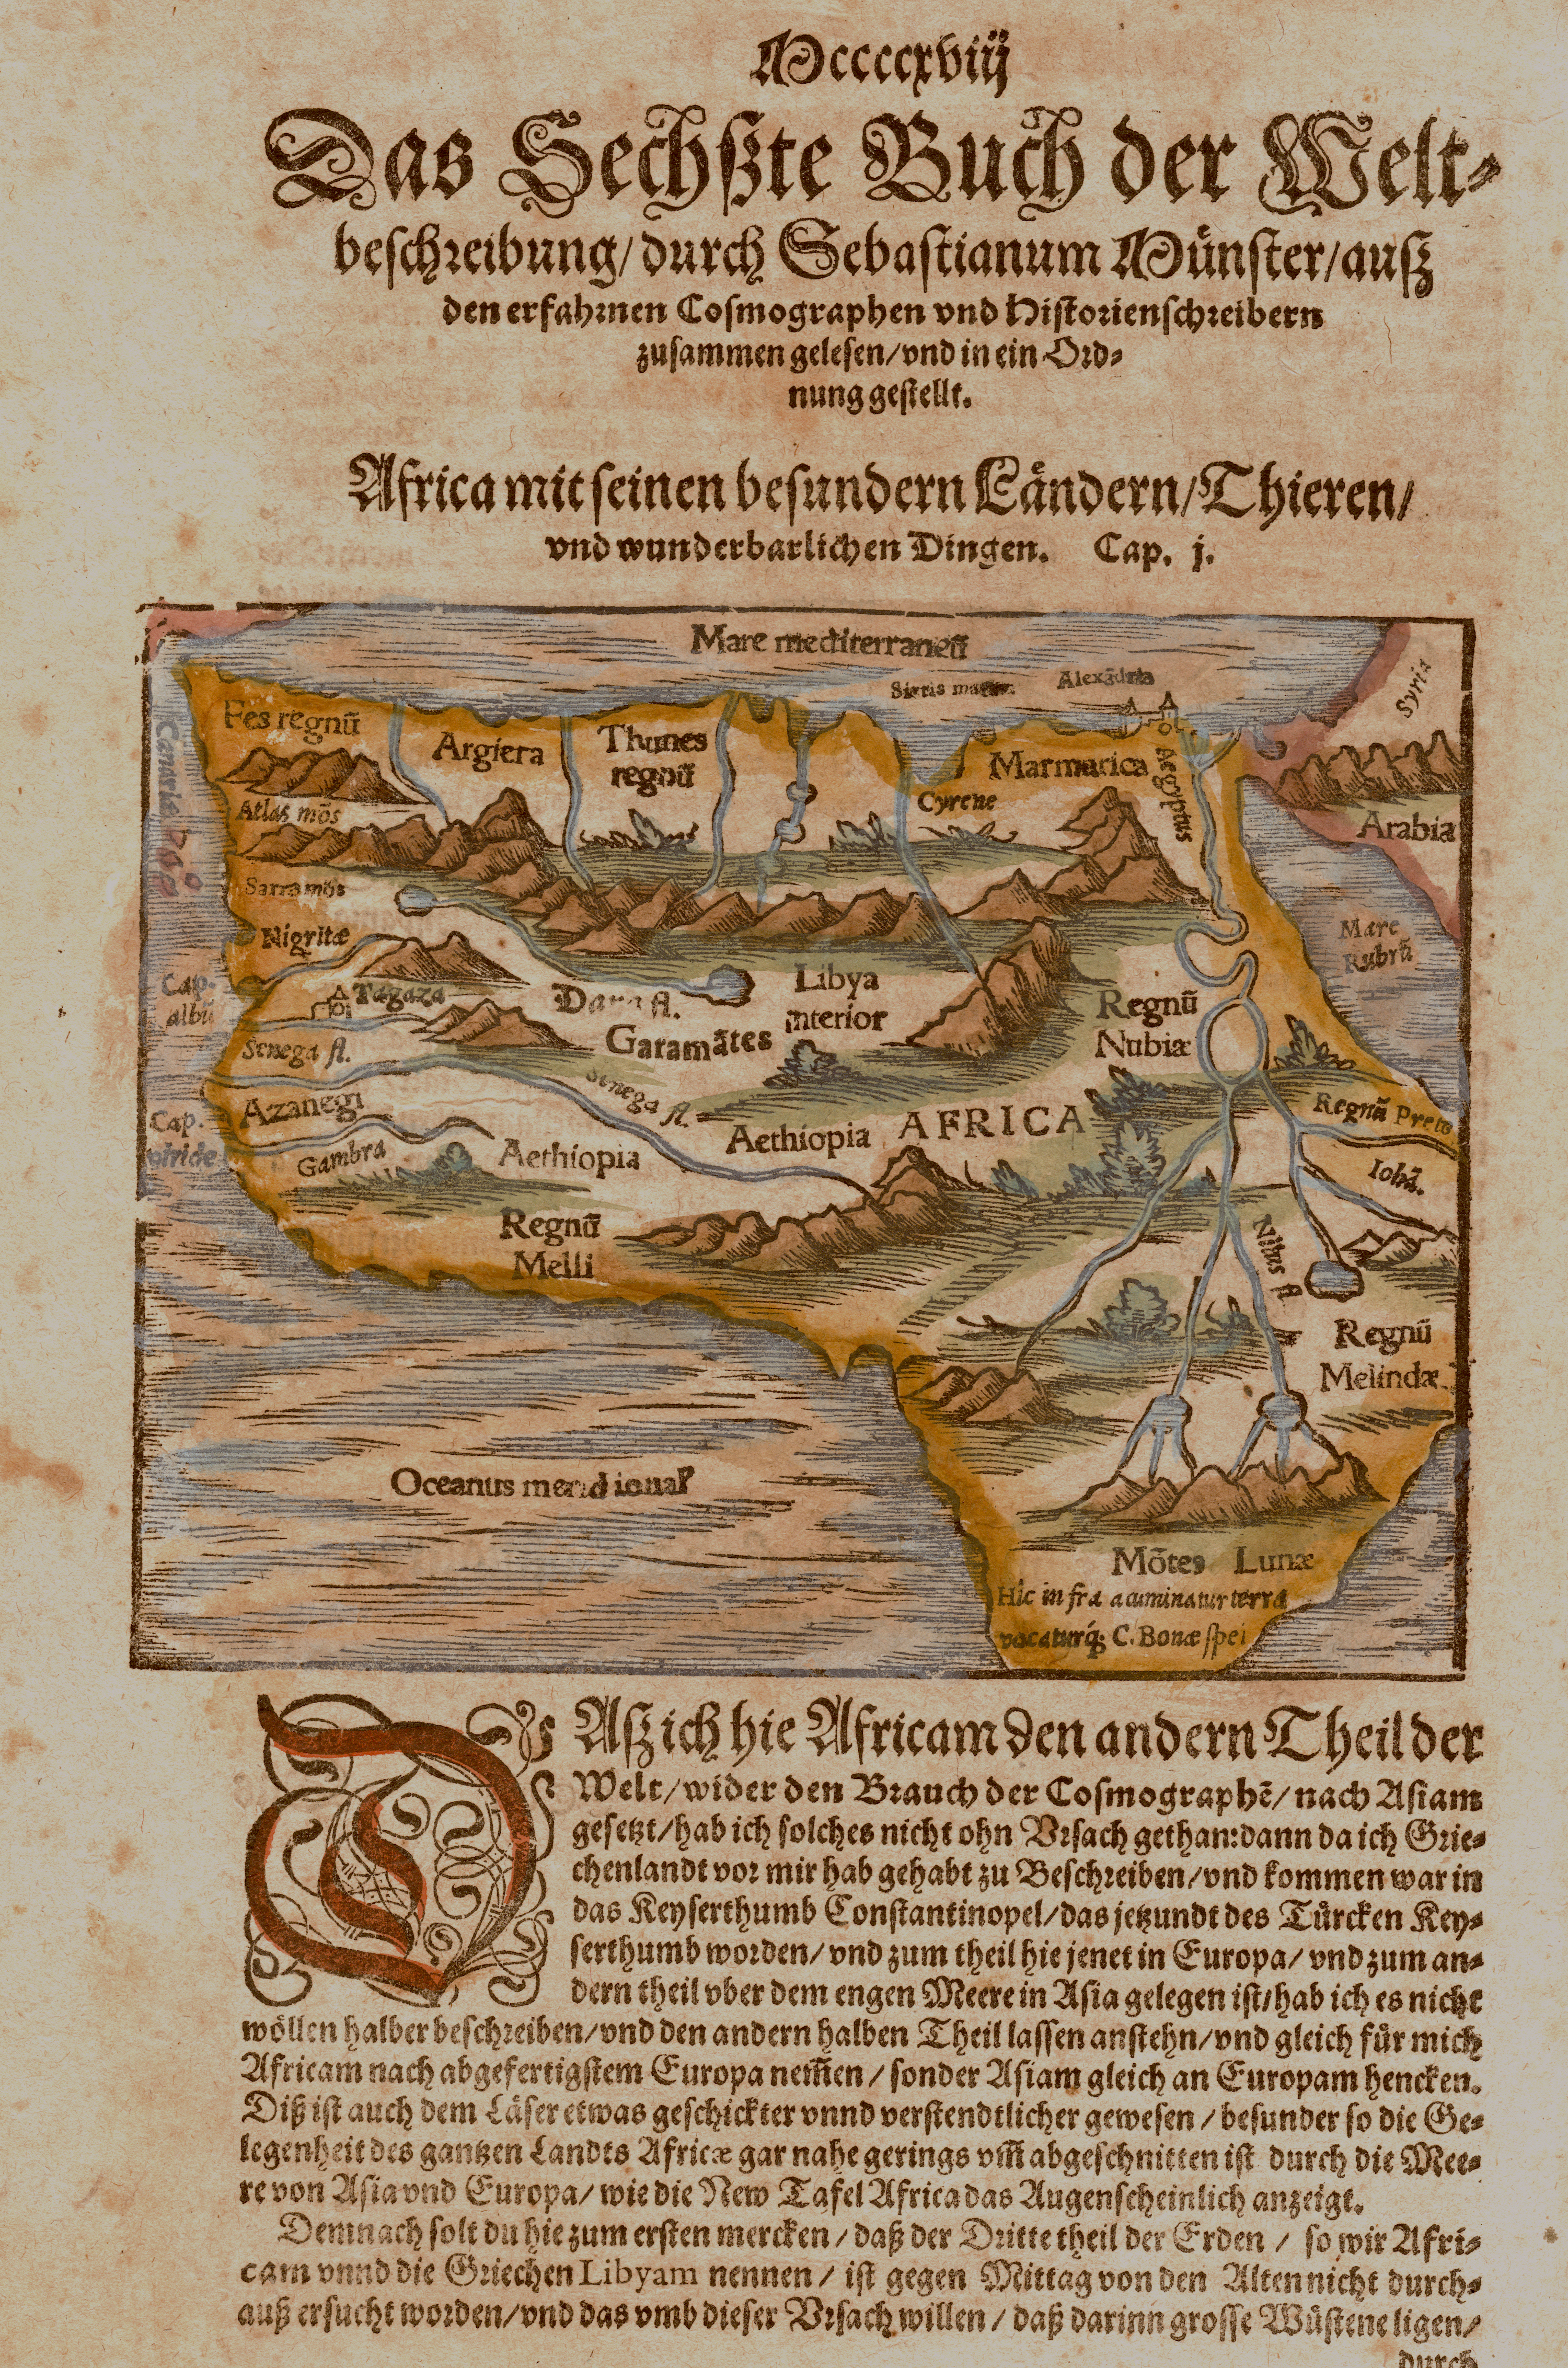 Münster Sebastian Liber Sesto della Cosmographia, raccolto da approbati/ Africa maggiore